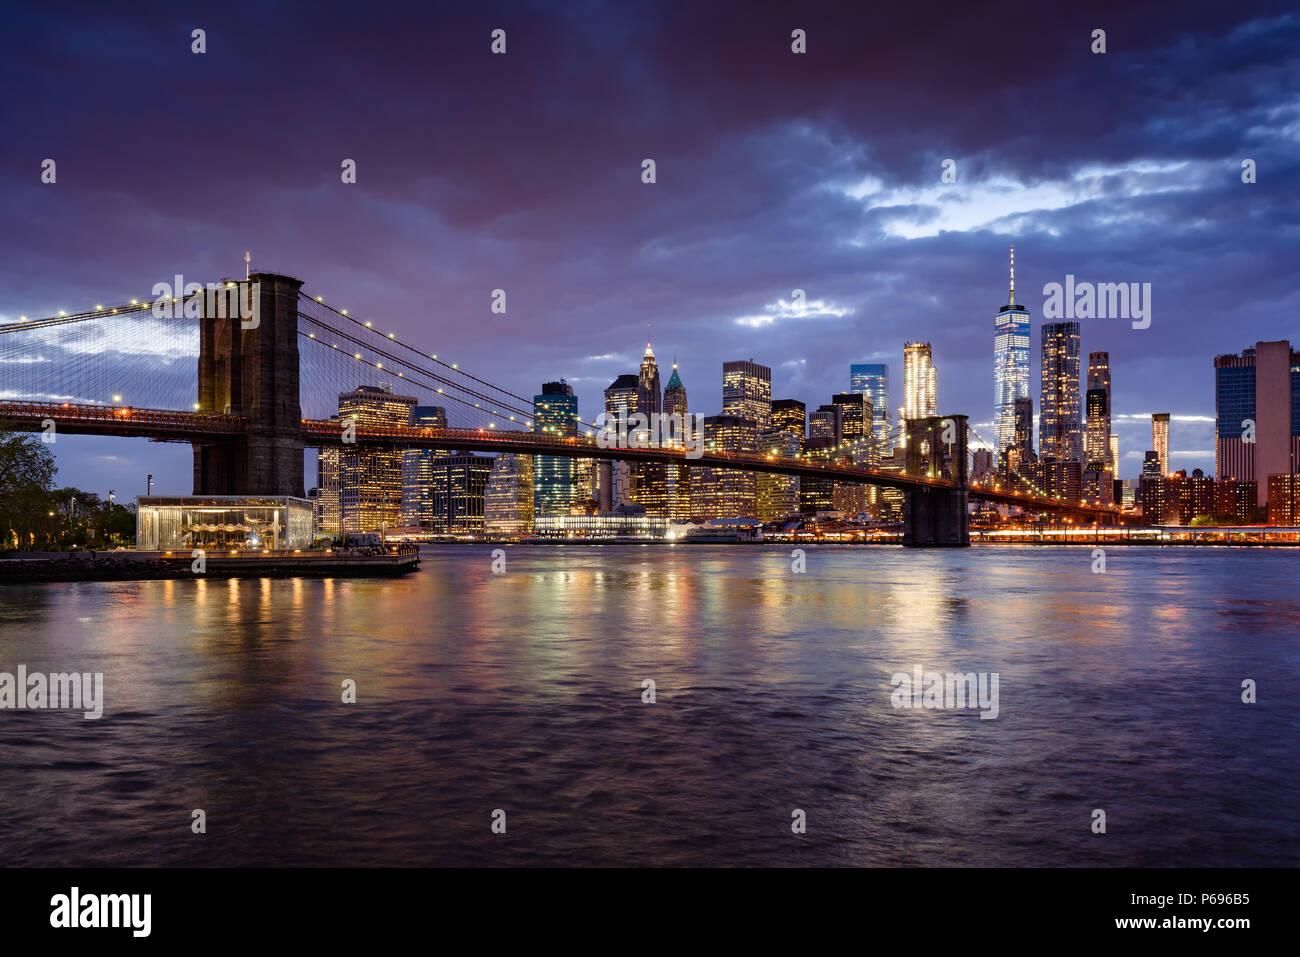 Brooklyn Bridge und Lower Manhattan beleuchtete Wolkenkratzer in der Dämmerung mit dem East River. Manhattan, New York City, USA Stockbild